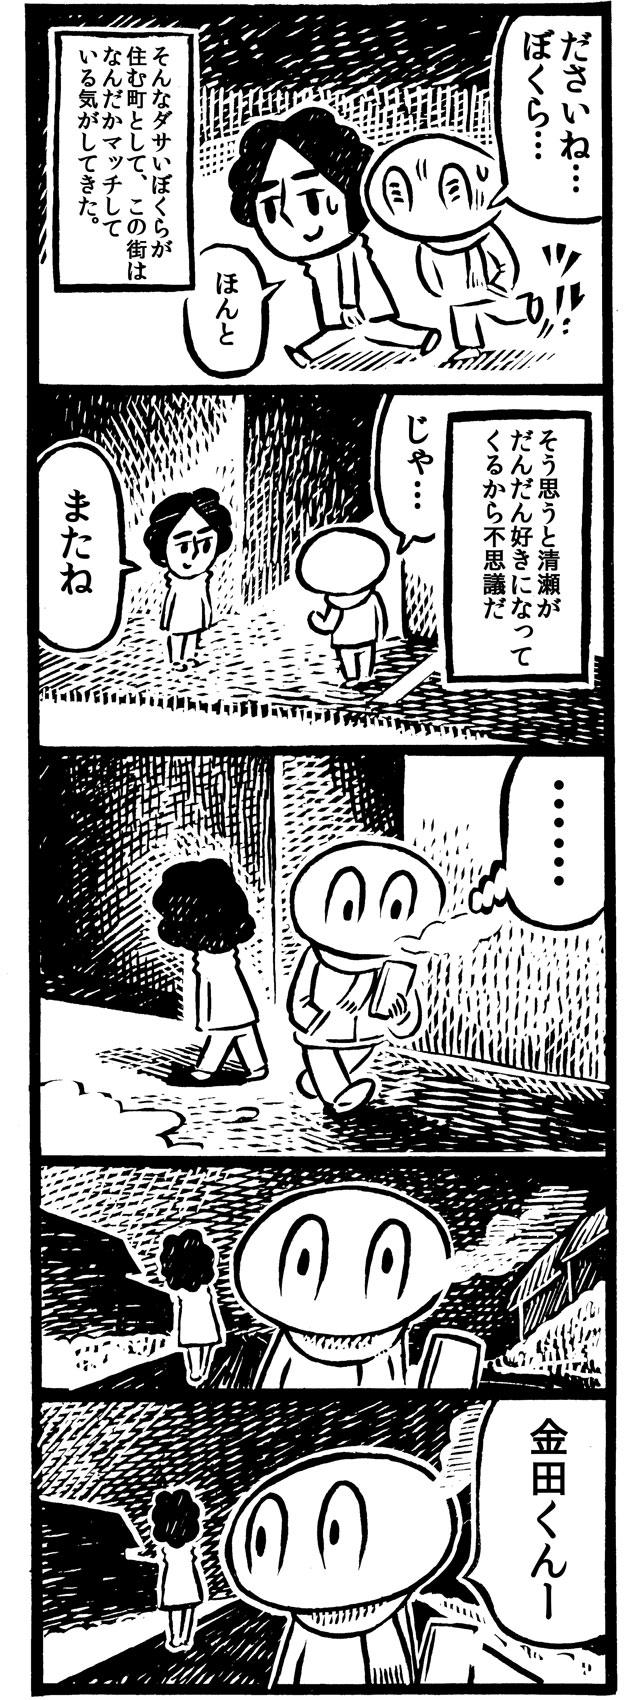 f:id:kakijiro:20160208133351j:plain